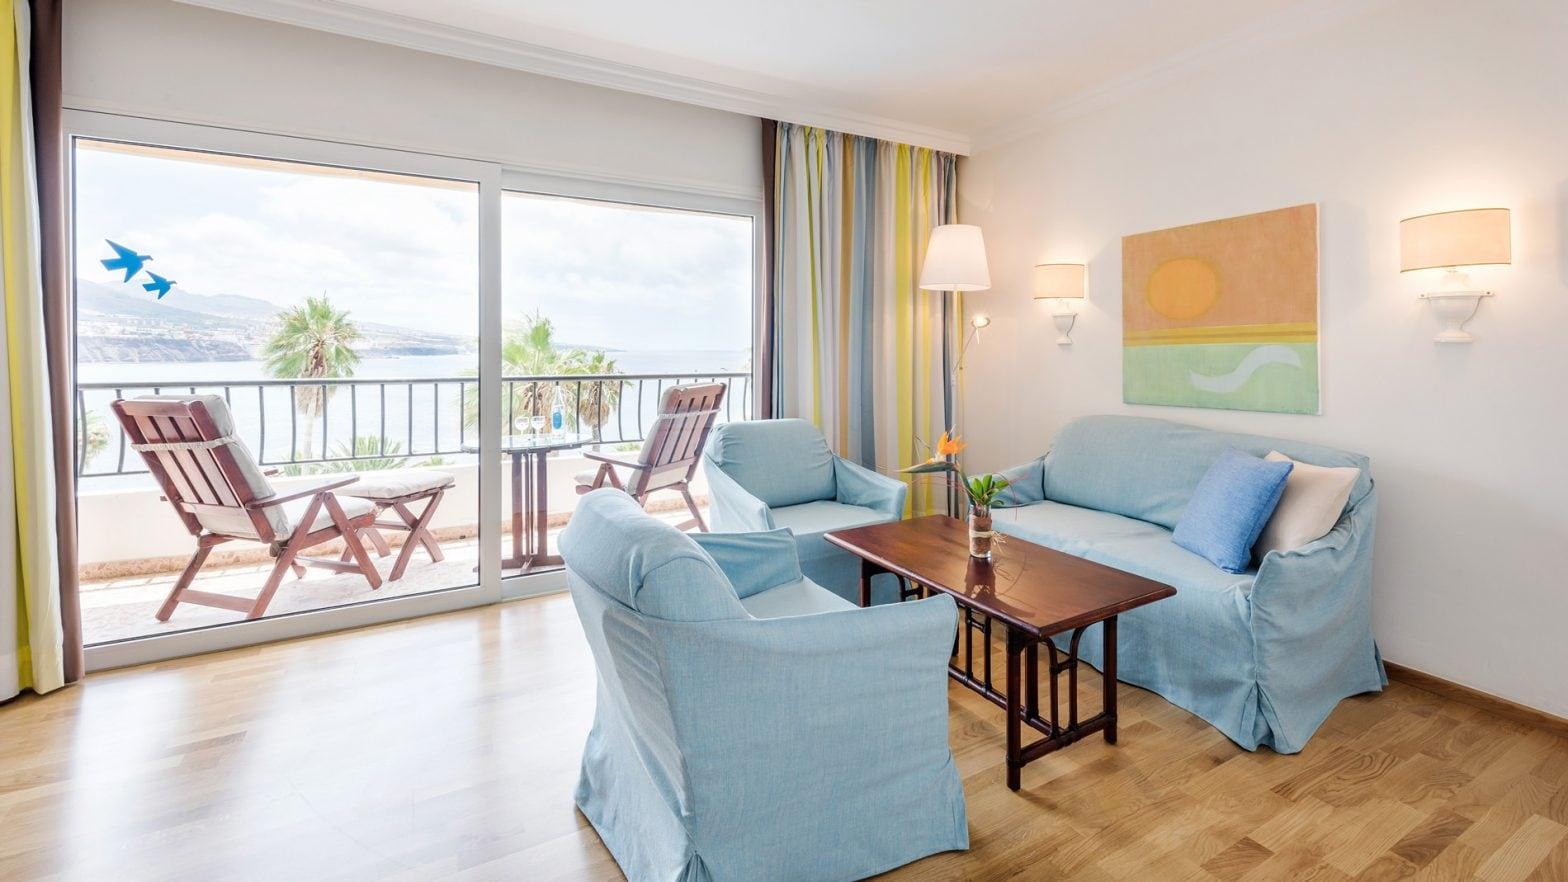 Appartement_hotel_oceano_Wohnen